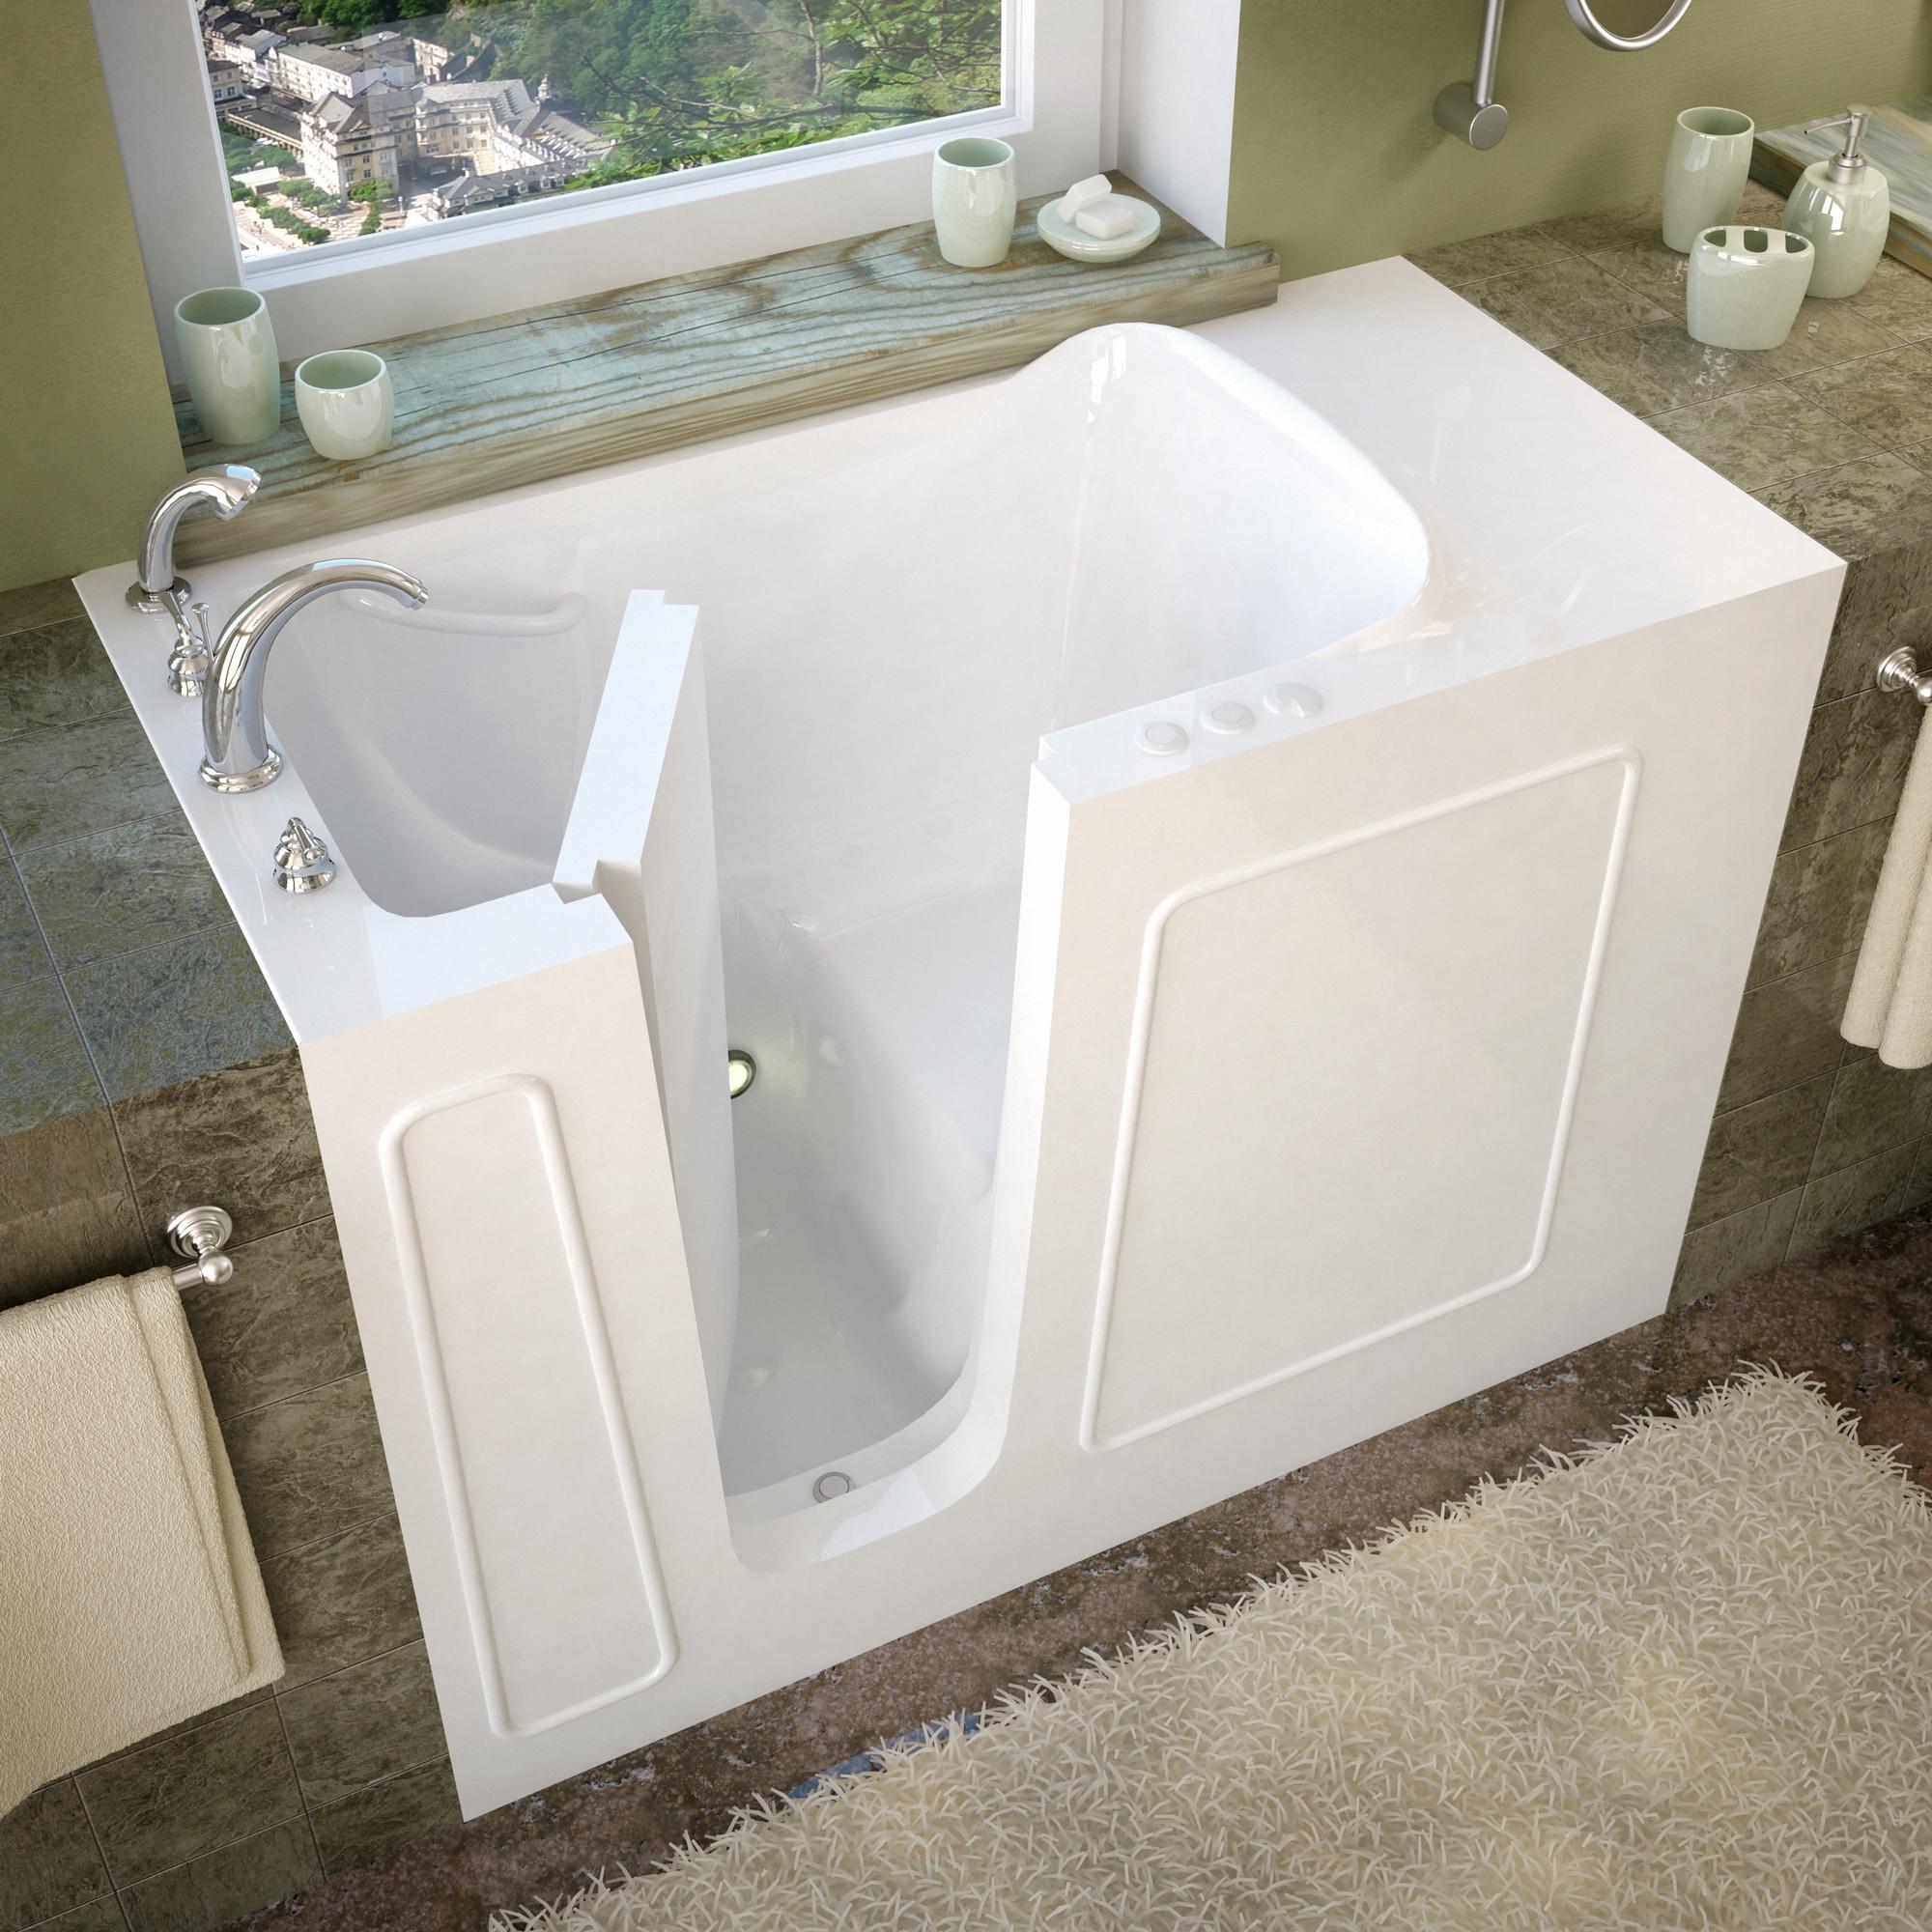 MediTub 2653LWS Walk-In 26 x 53 Left Drain White Soaking Bathtub